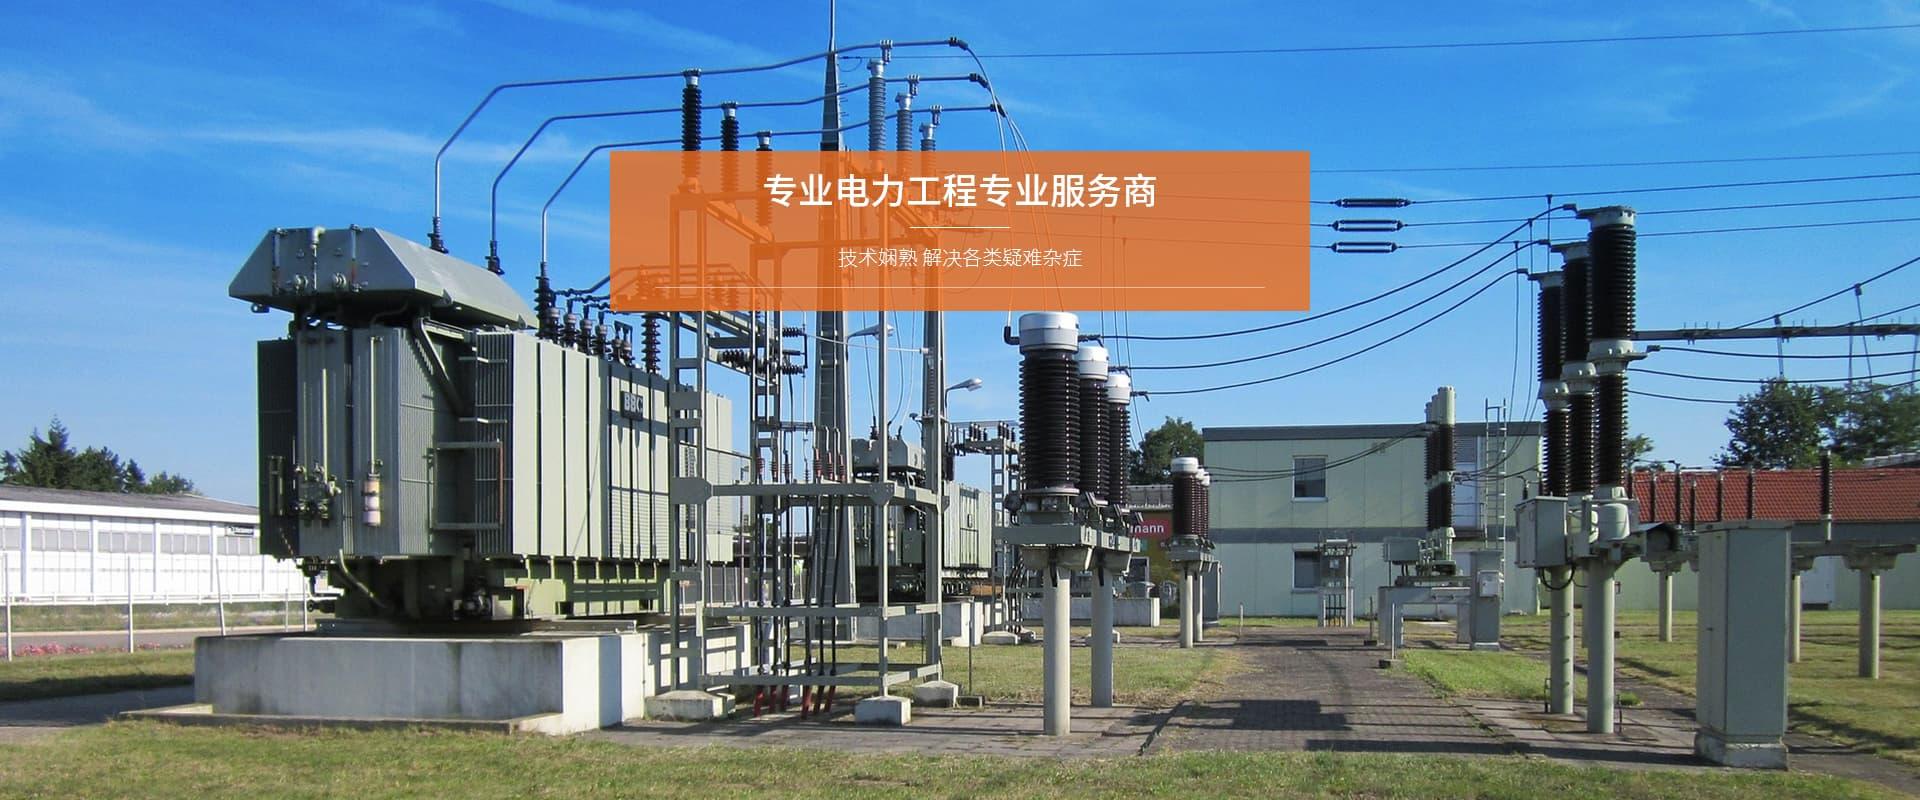 四川电力设备维修